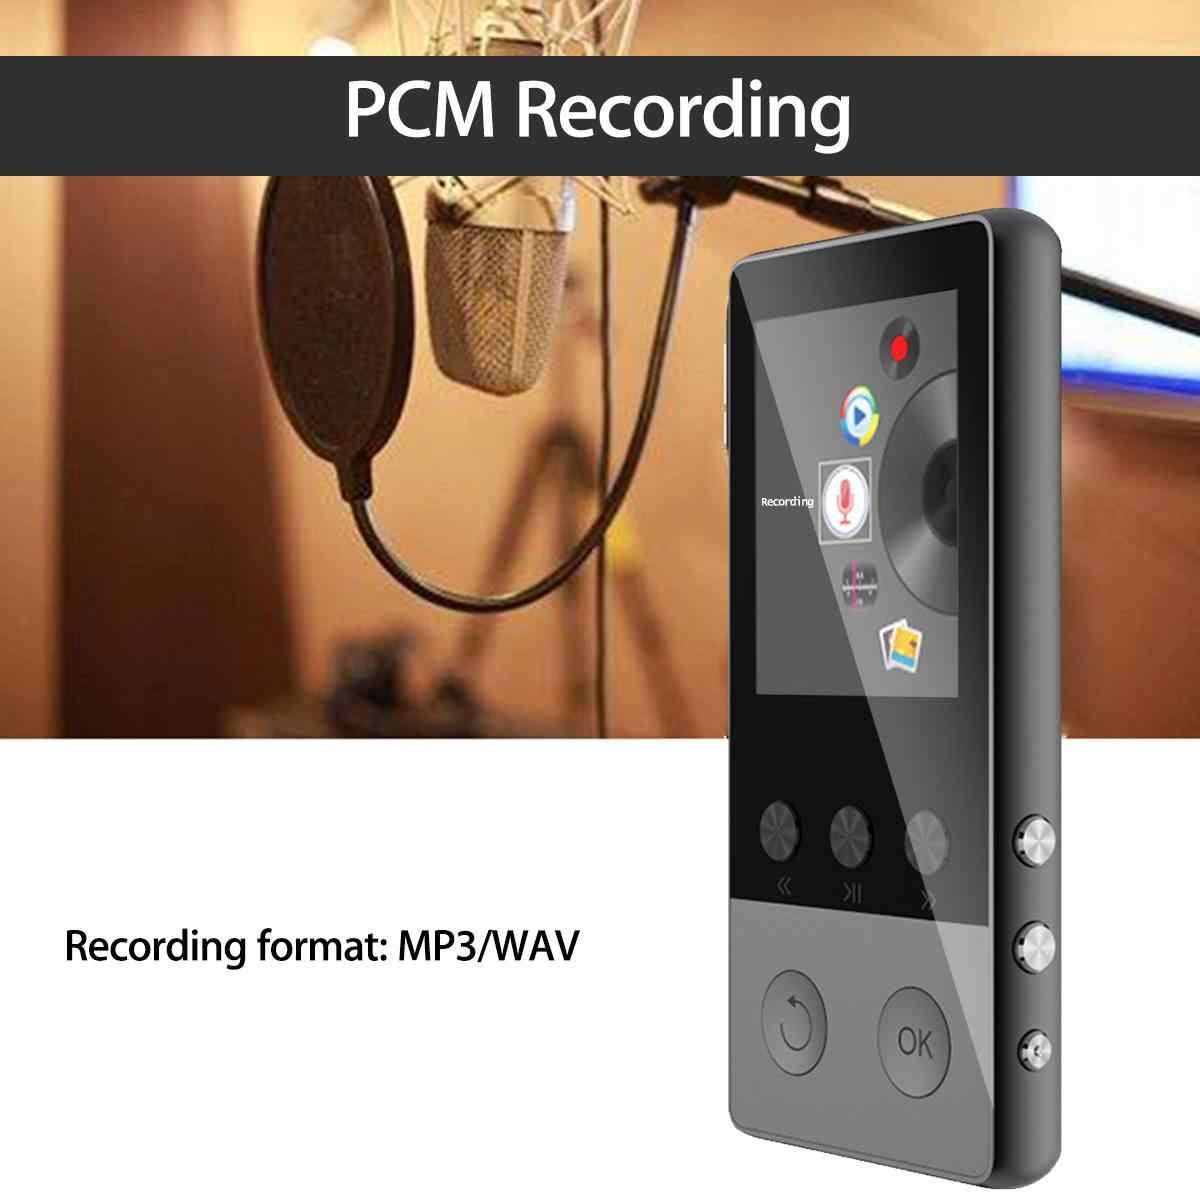 まで 128 ギガバイト bluetooth MP3 プレーヤーイヤホンハイファイ fm ラジオスポーツ MP 4 ハイファイポータブル音楽プレーヤー音声録音レコーダー TF カード